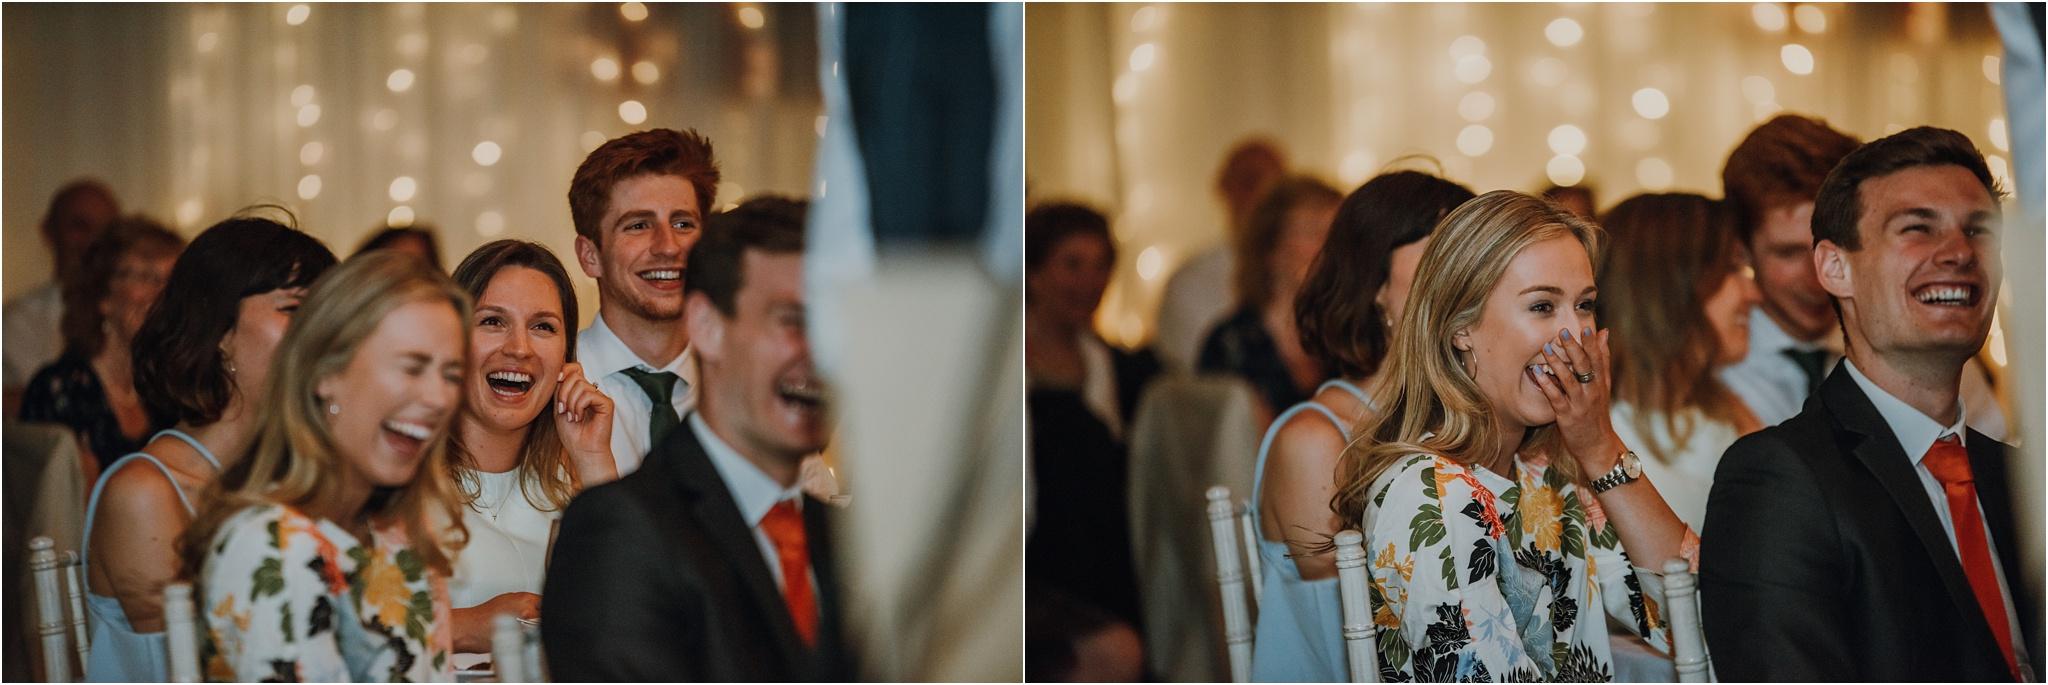 Edinburgh-barn-wedding-photographer_104.jpg